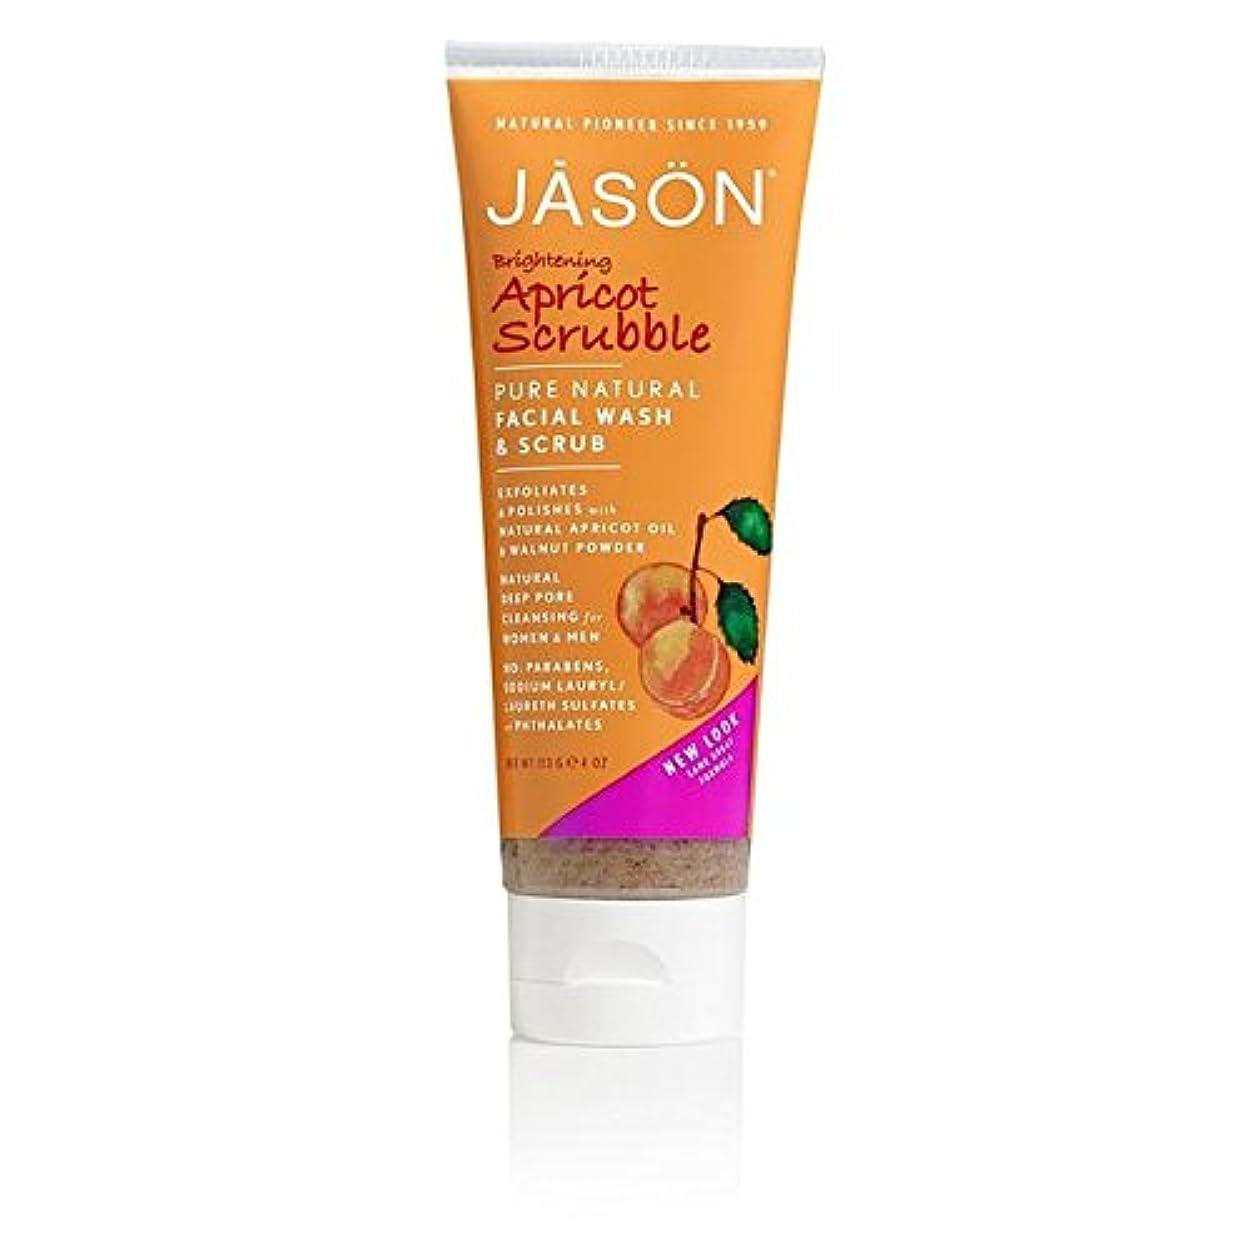 エンジニアプロット識字Jason Apricot Facial Wash & Scrub 128ml - ジェイソン?アプリコット洗顔&スクラブ128ミリリットル [並行輸入品]